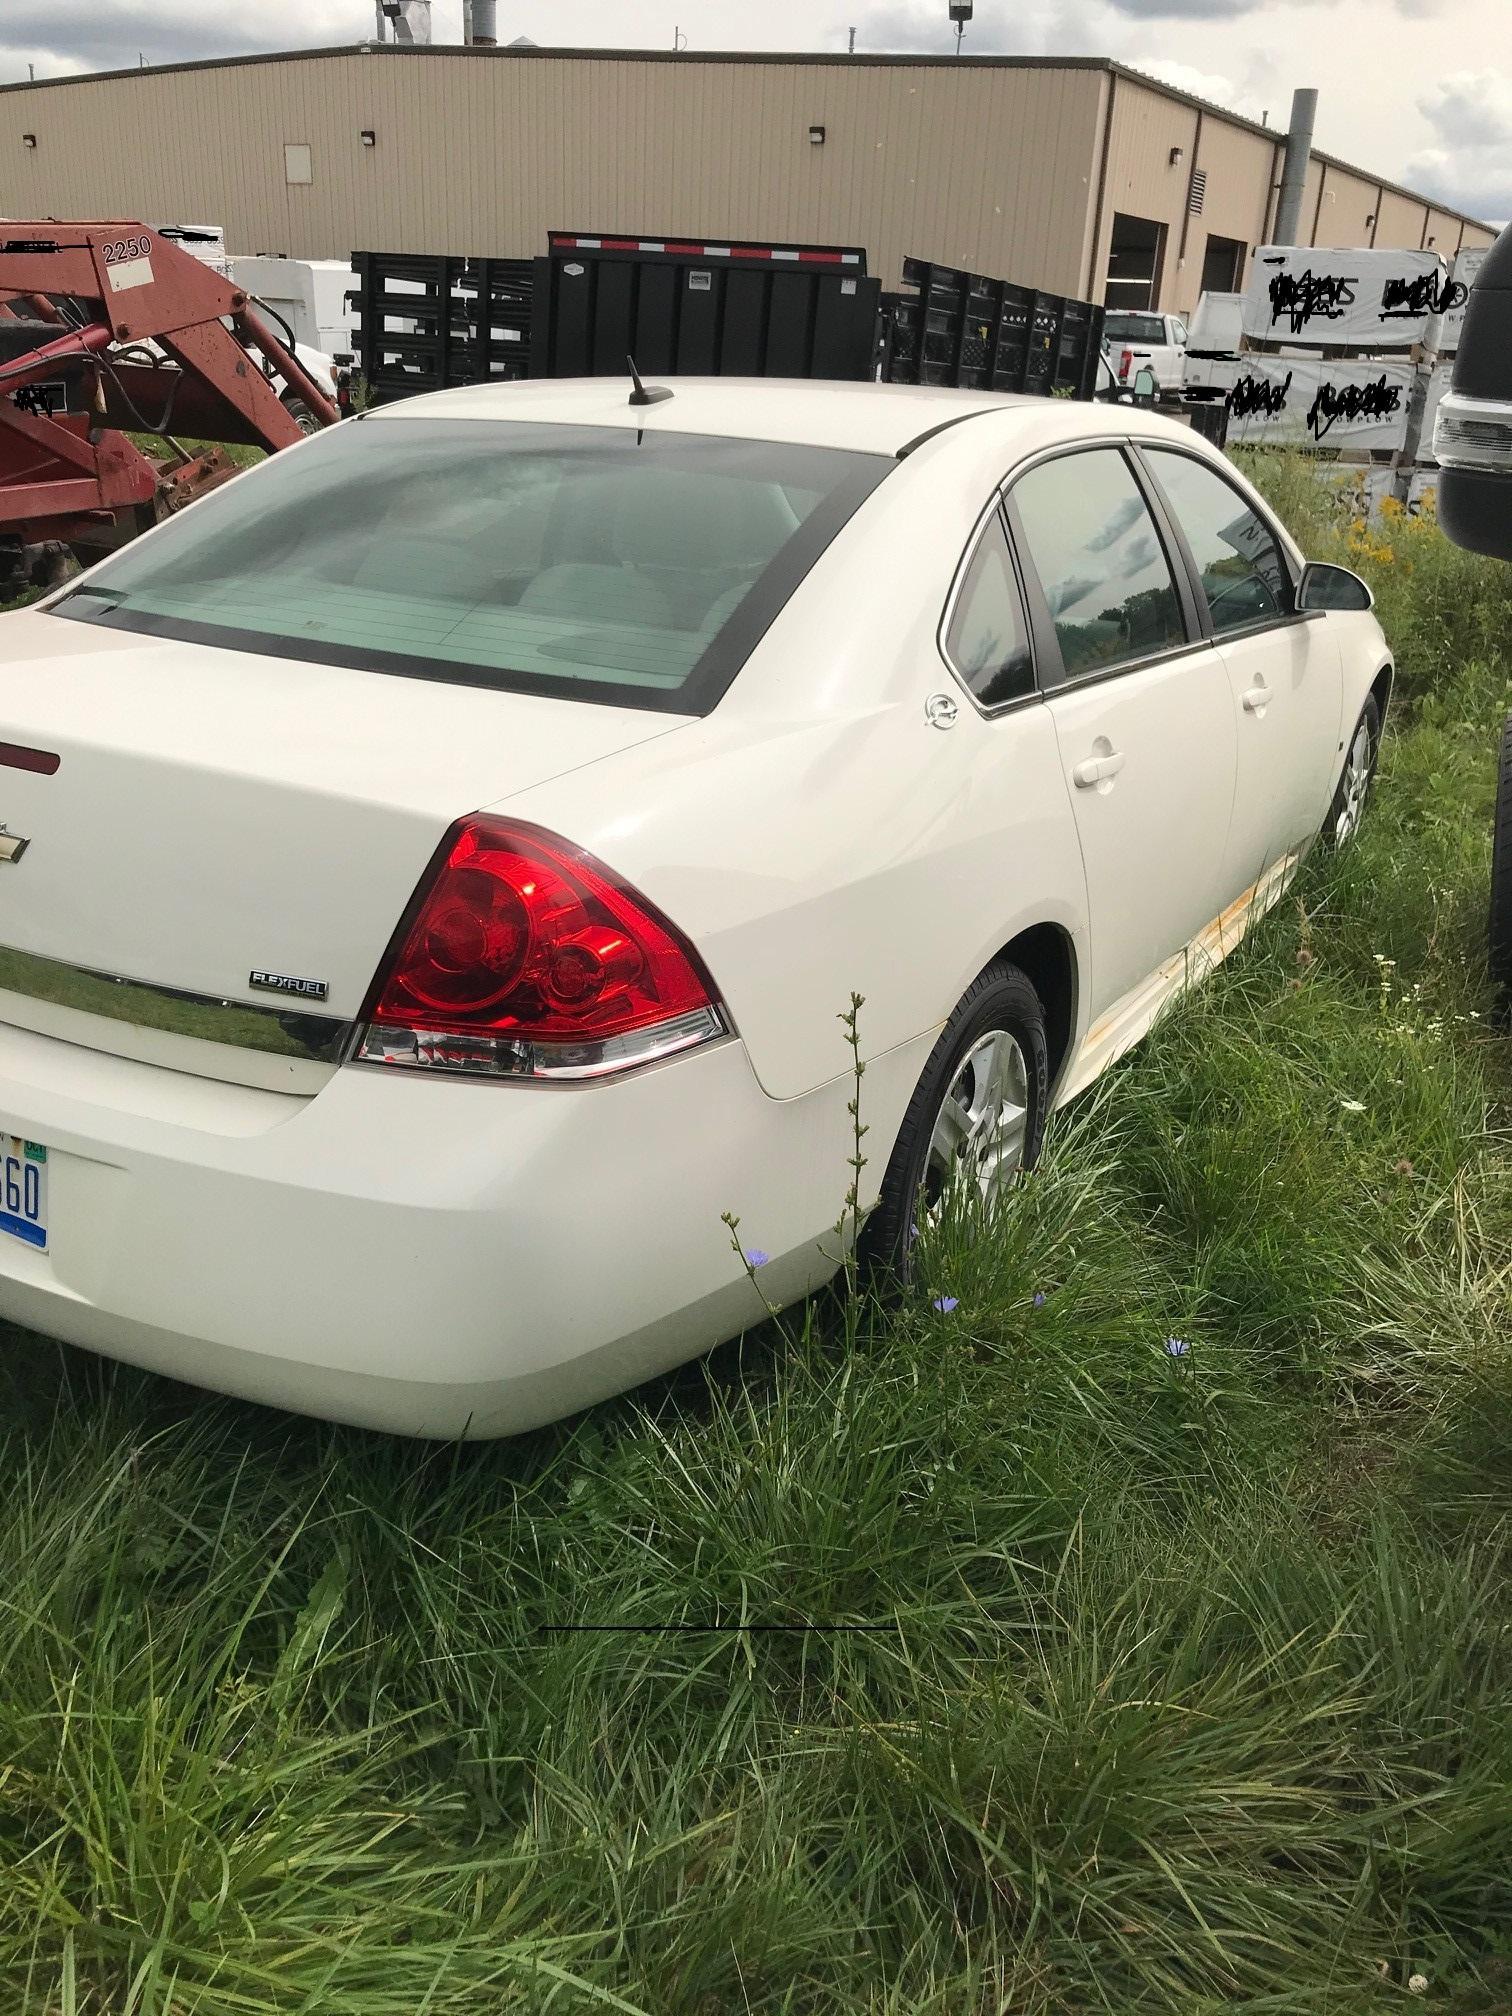 Chevrolet Impala 2009 // 300,740 Miles // Flint, MI